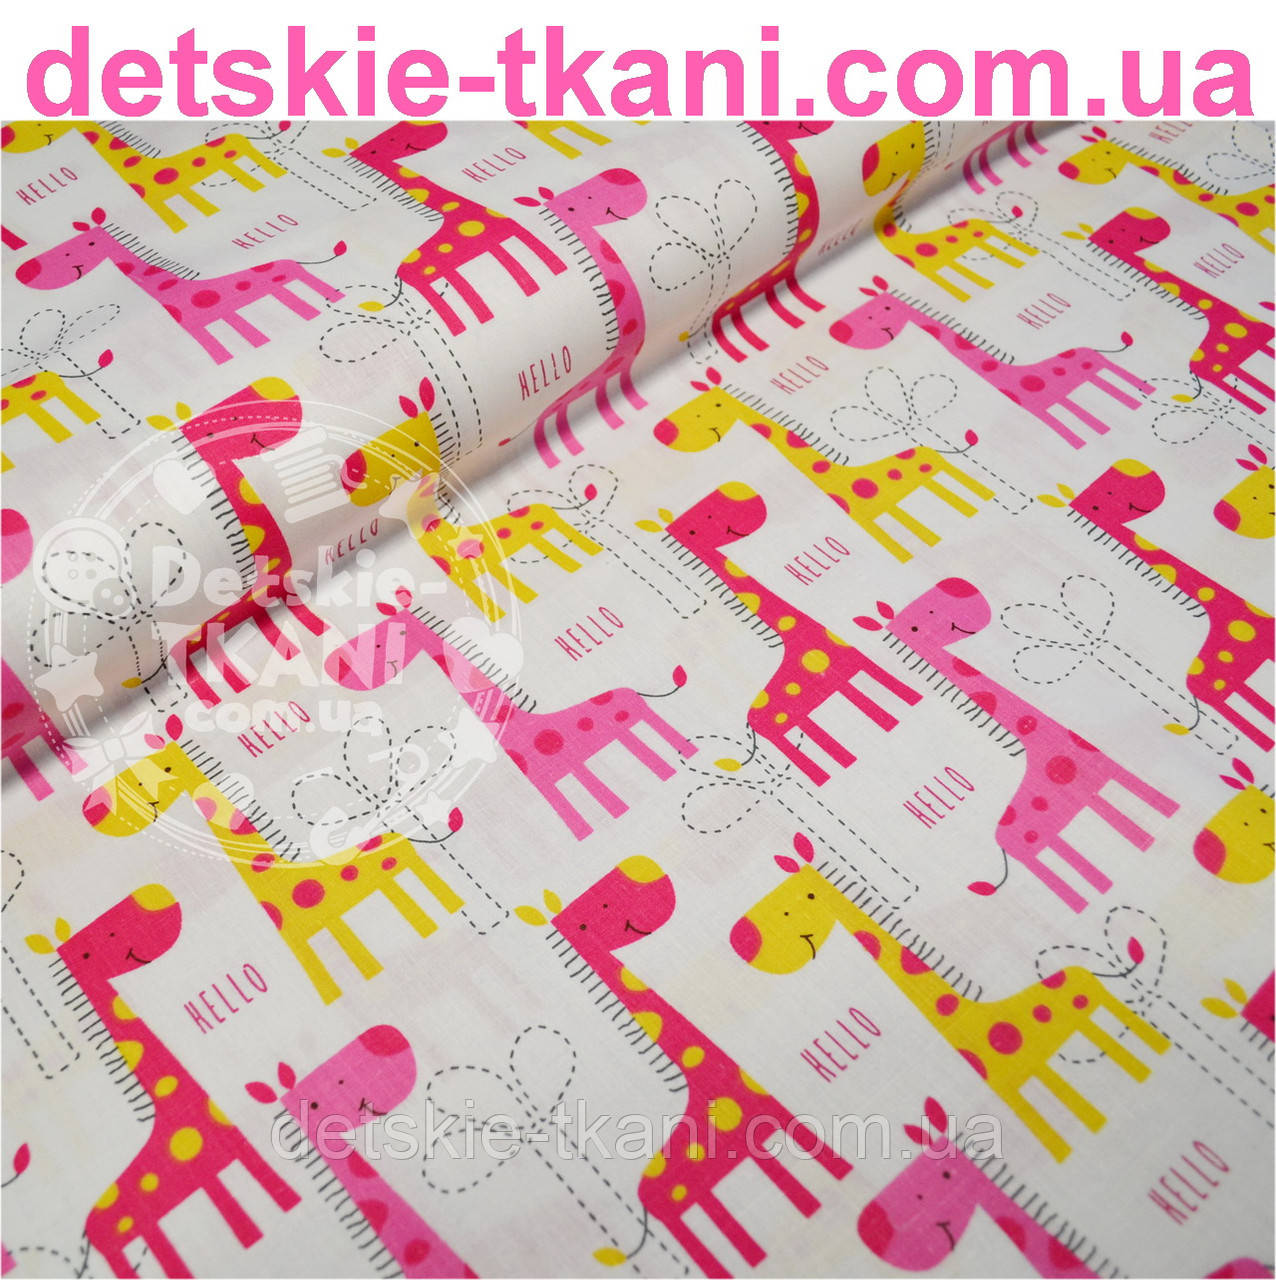 Ткань хлопковая с розовыми жирафами на белом фоне № 514а